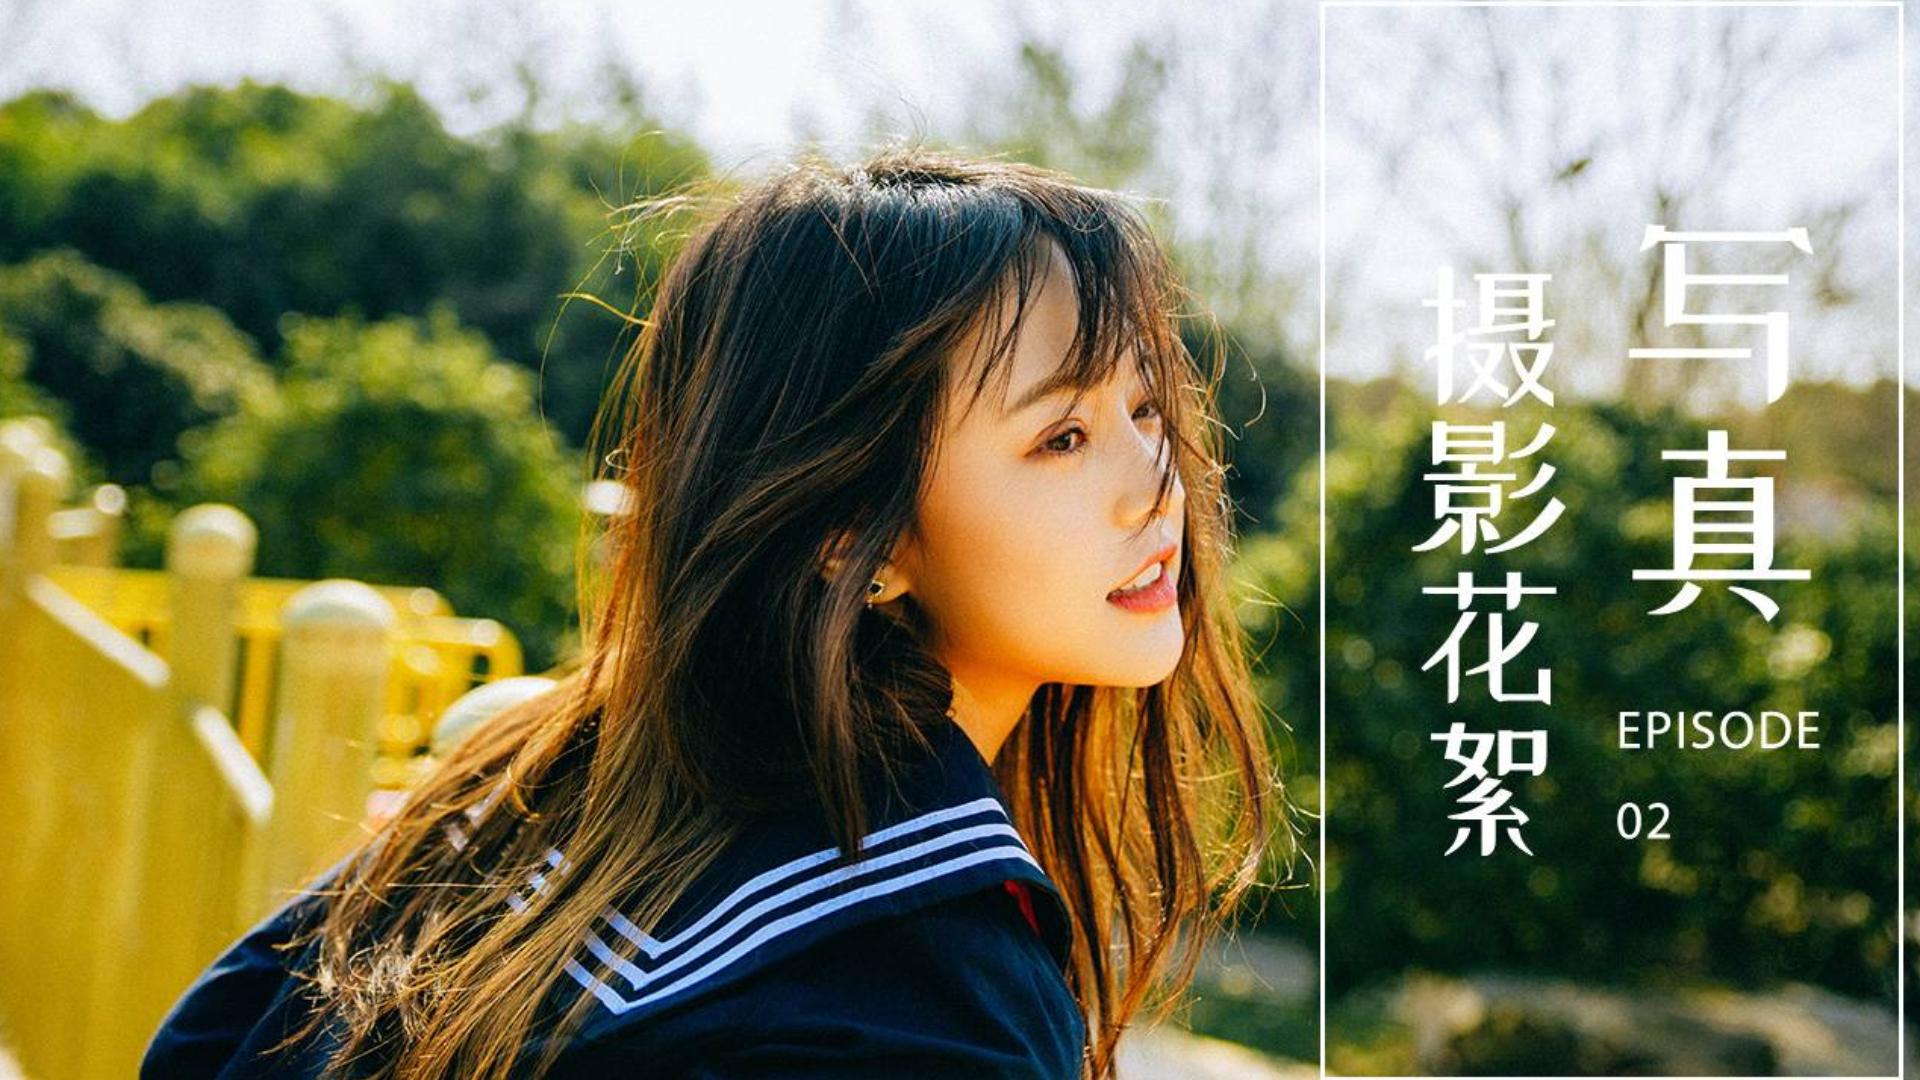 JK制服 游乐场写真实拍 EP 02